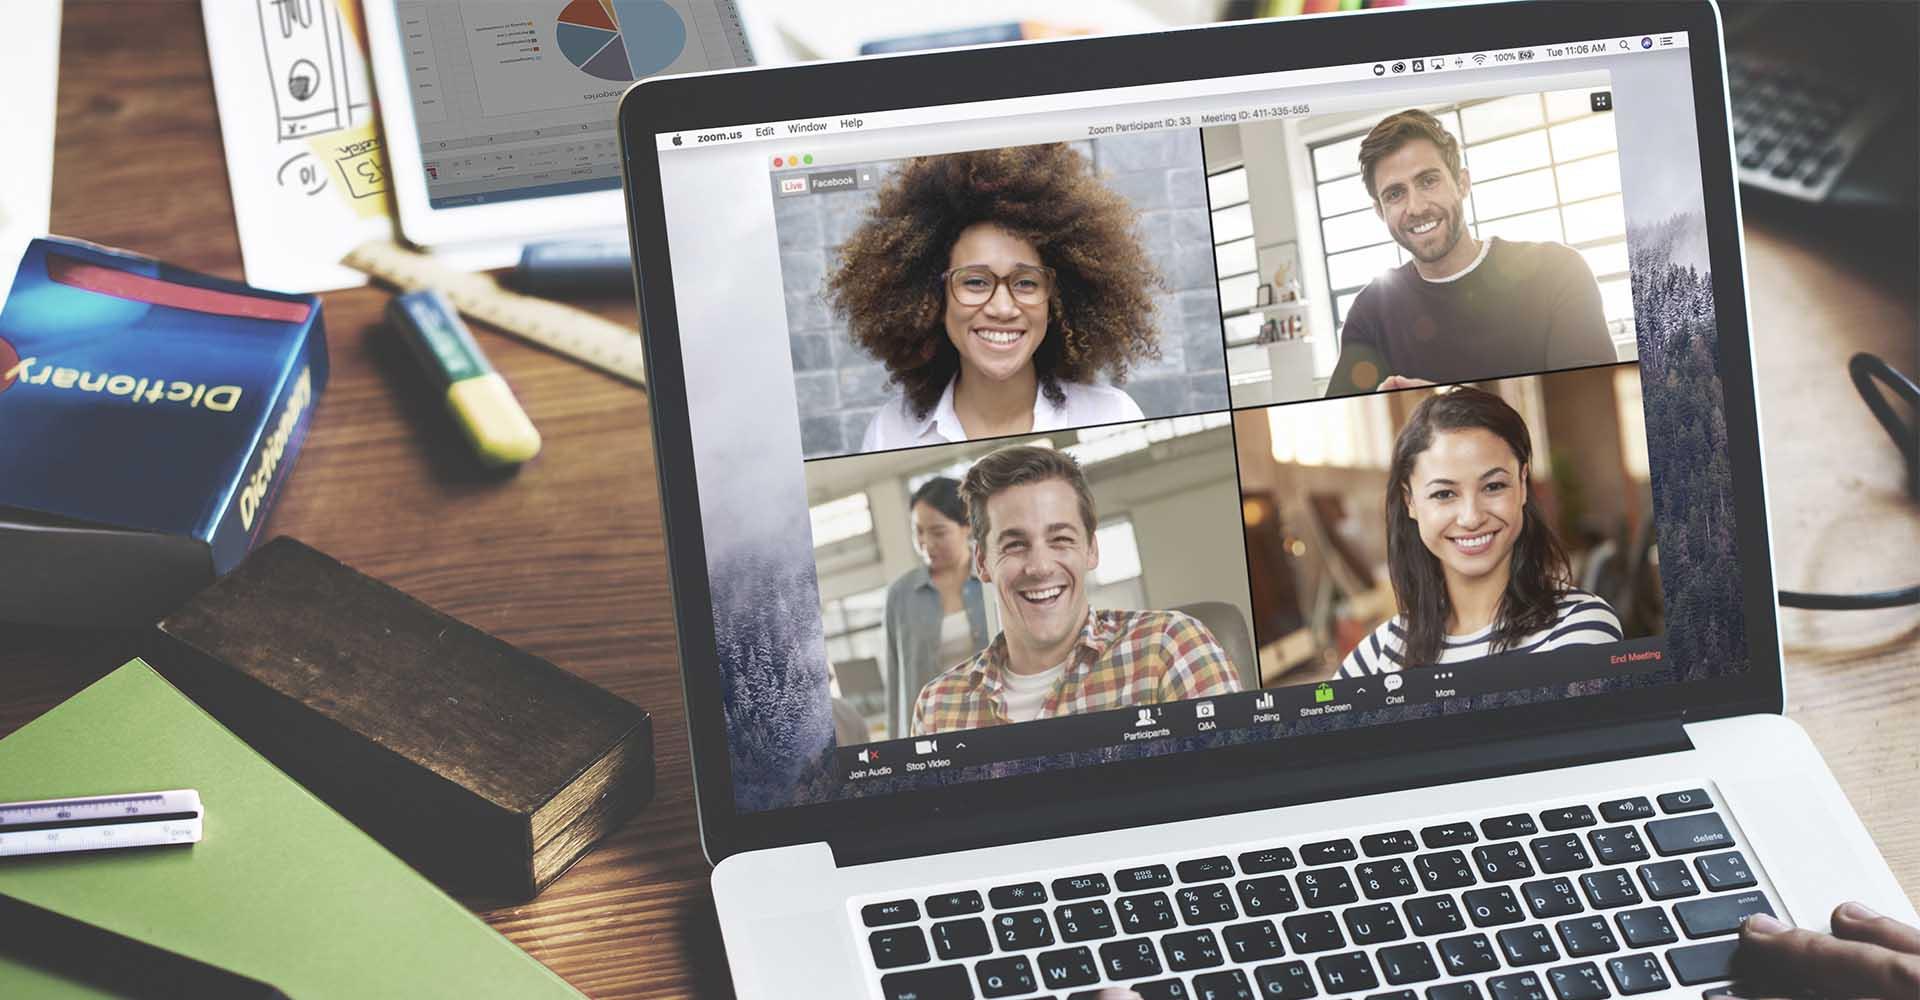 Ein Mann unterhält sich mit vier Personen via Videokonferenz auf seinem Notebook